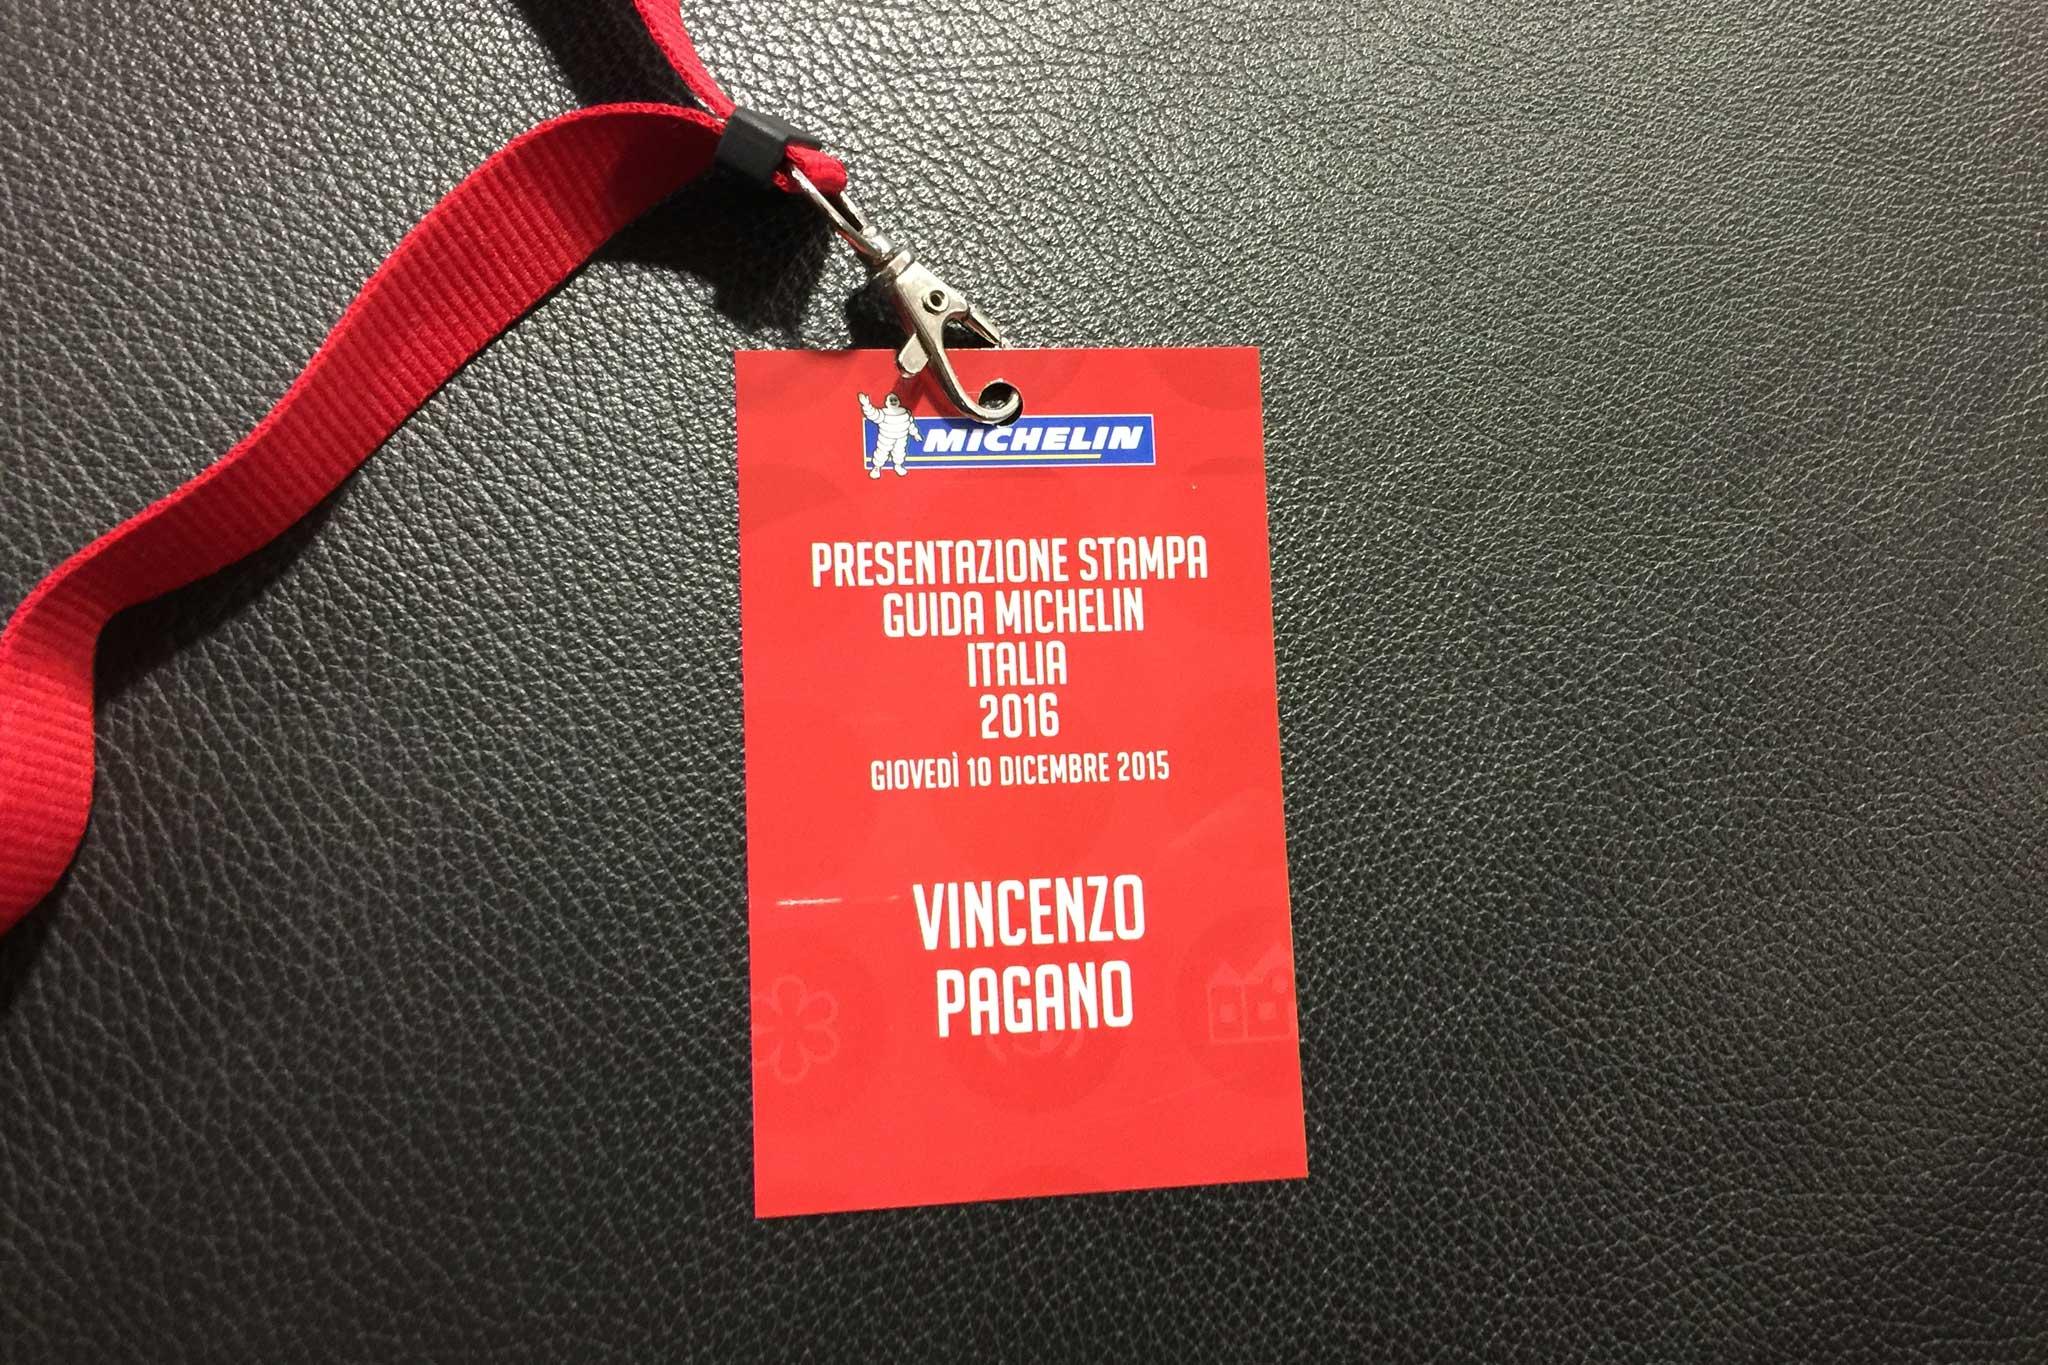 presentazione stelle Michelin 2016 Vincenzo Pagano